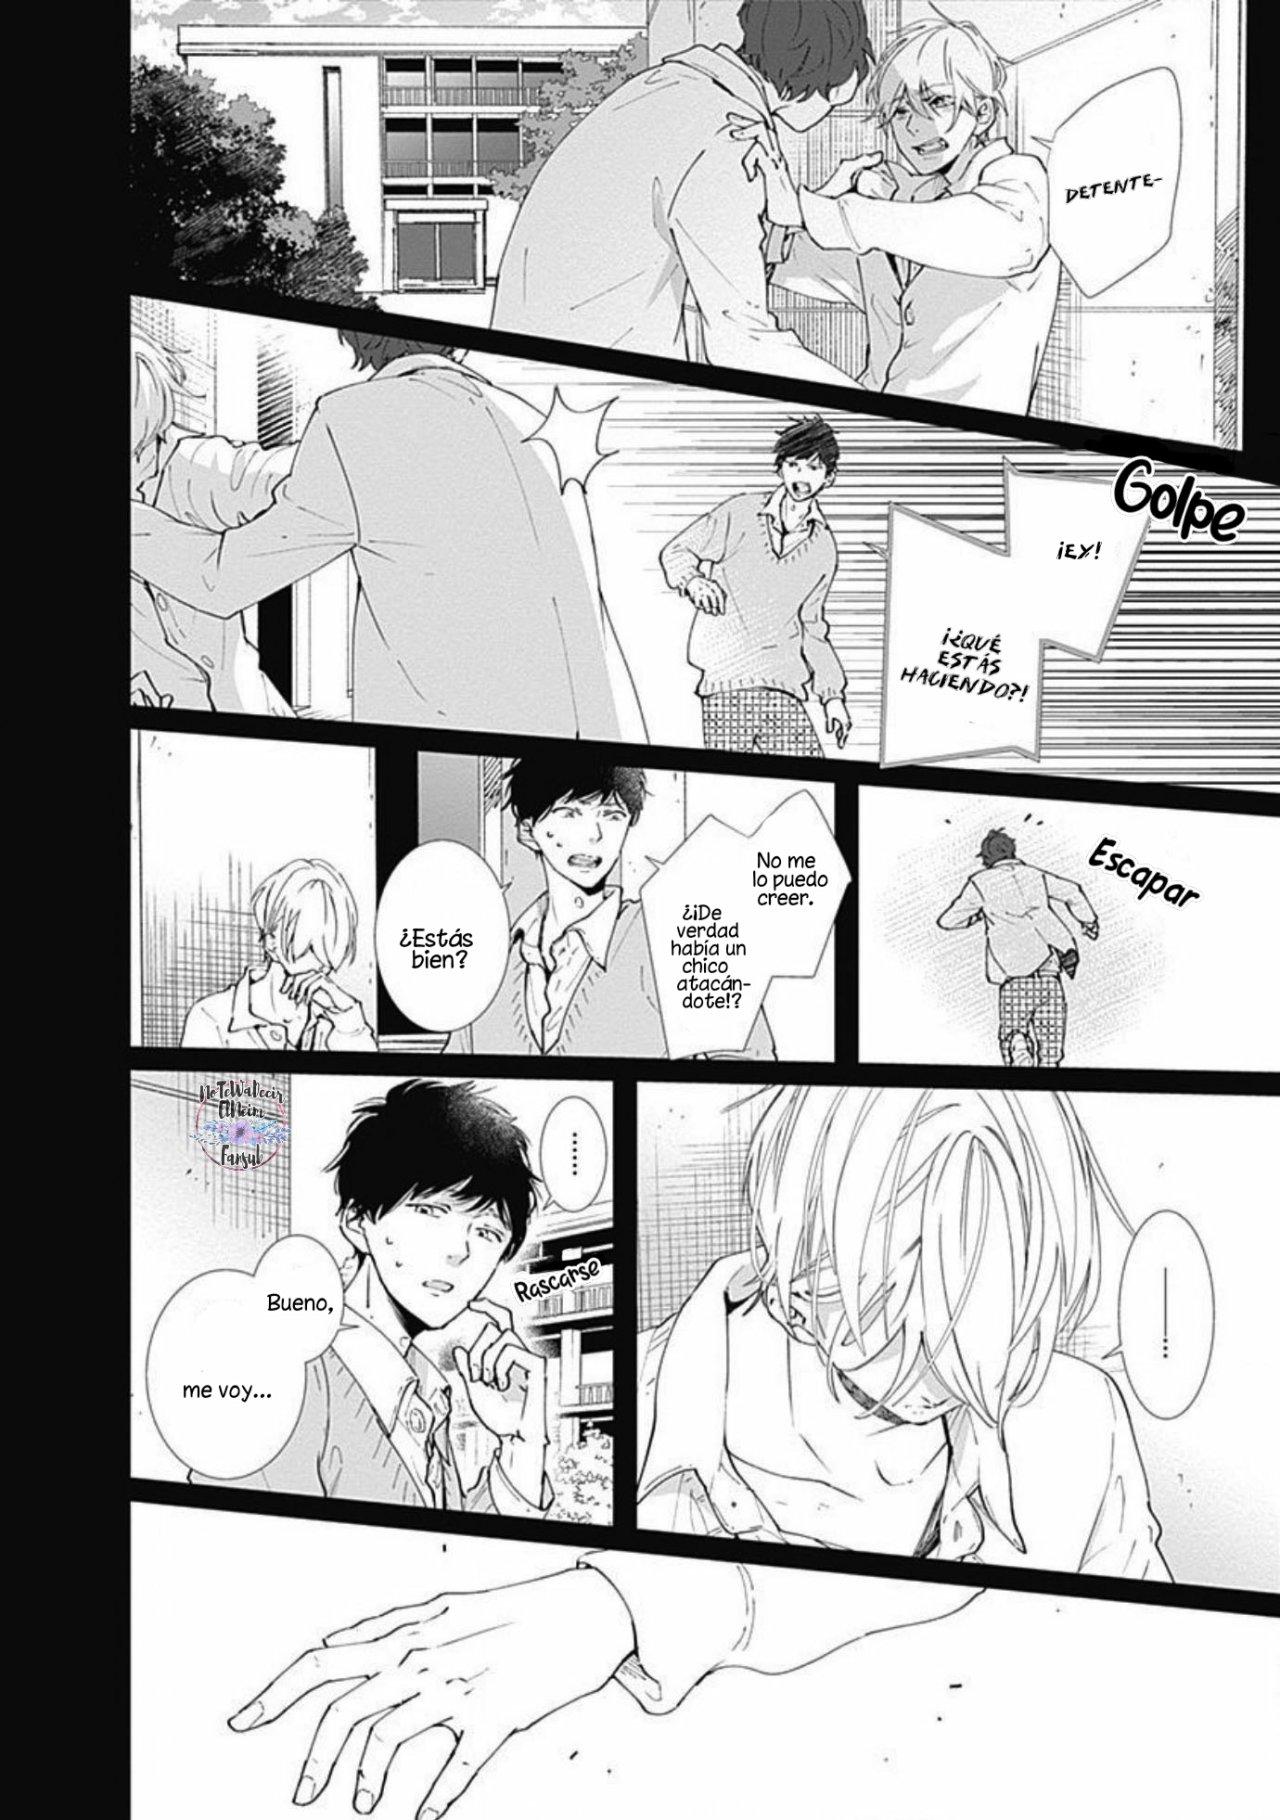 https://nine.mangadogs.com/es_manga/pic8/12/36684/946997/b5974ed574488db1eac39c140591303e.jpg Page 19